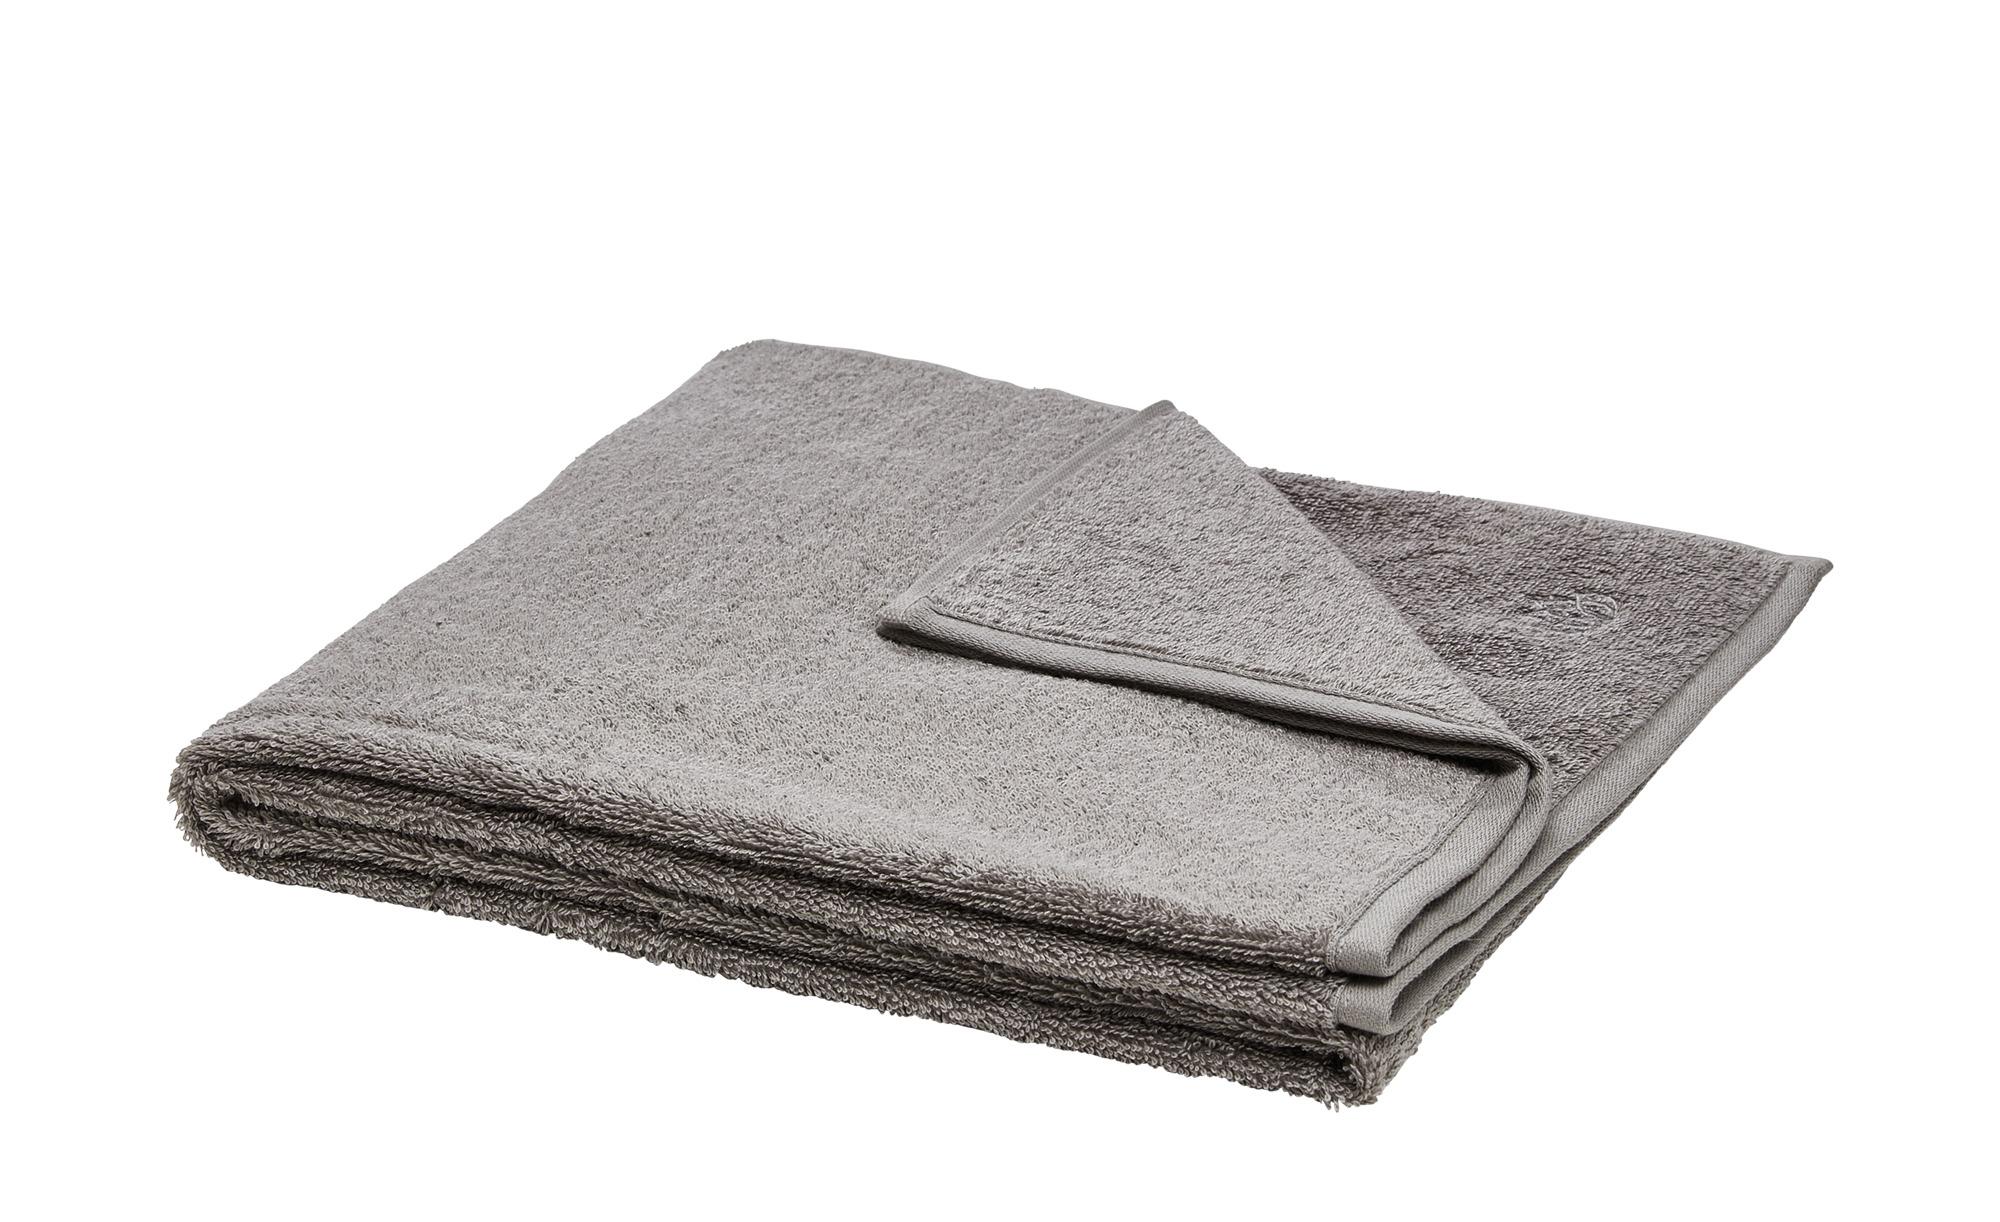 LAVIDA Duschtuch  Touch ¦ beige ¦ 100% Baumwolle ¦ Maße (cm): B: 67 Badtextilien und Zubehör > Handtücher & Badetücher > Duschtücher - Höffner